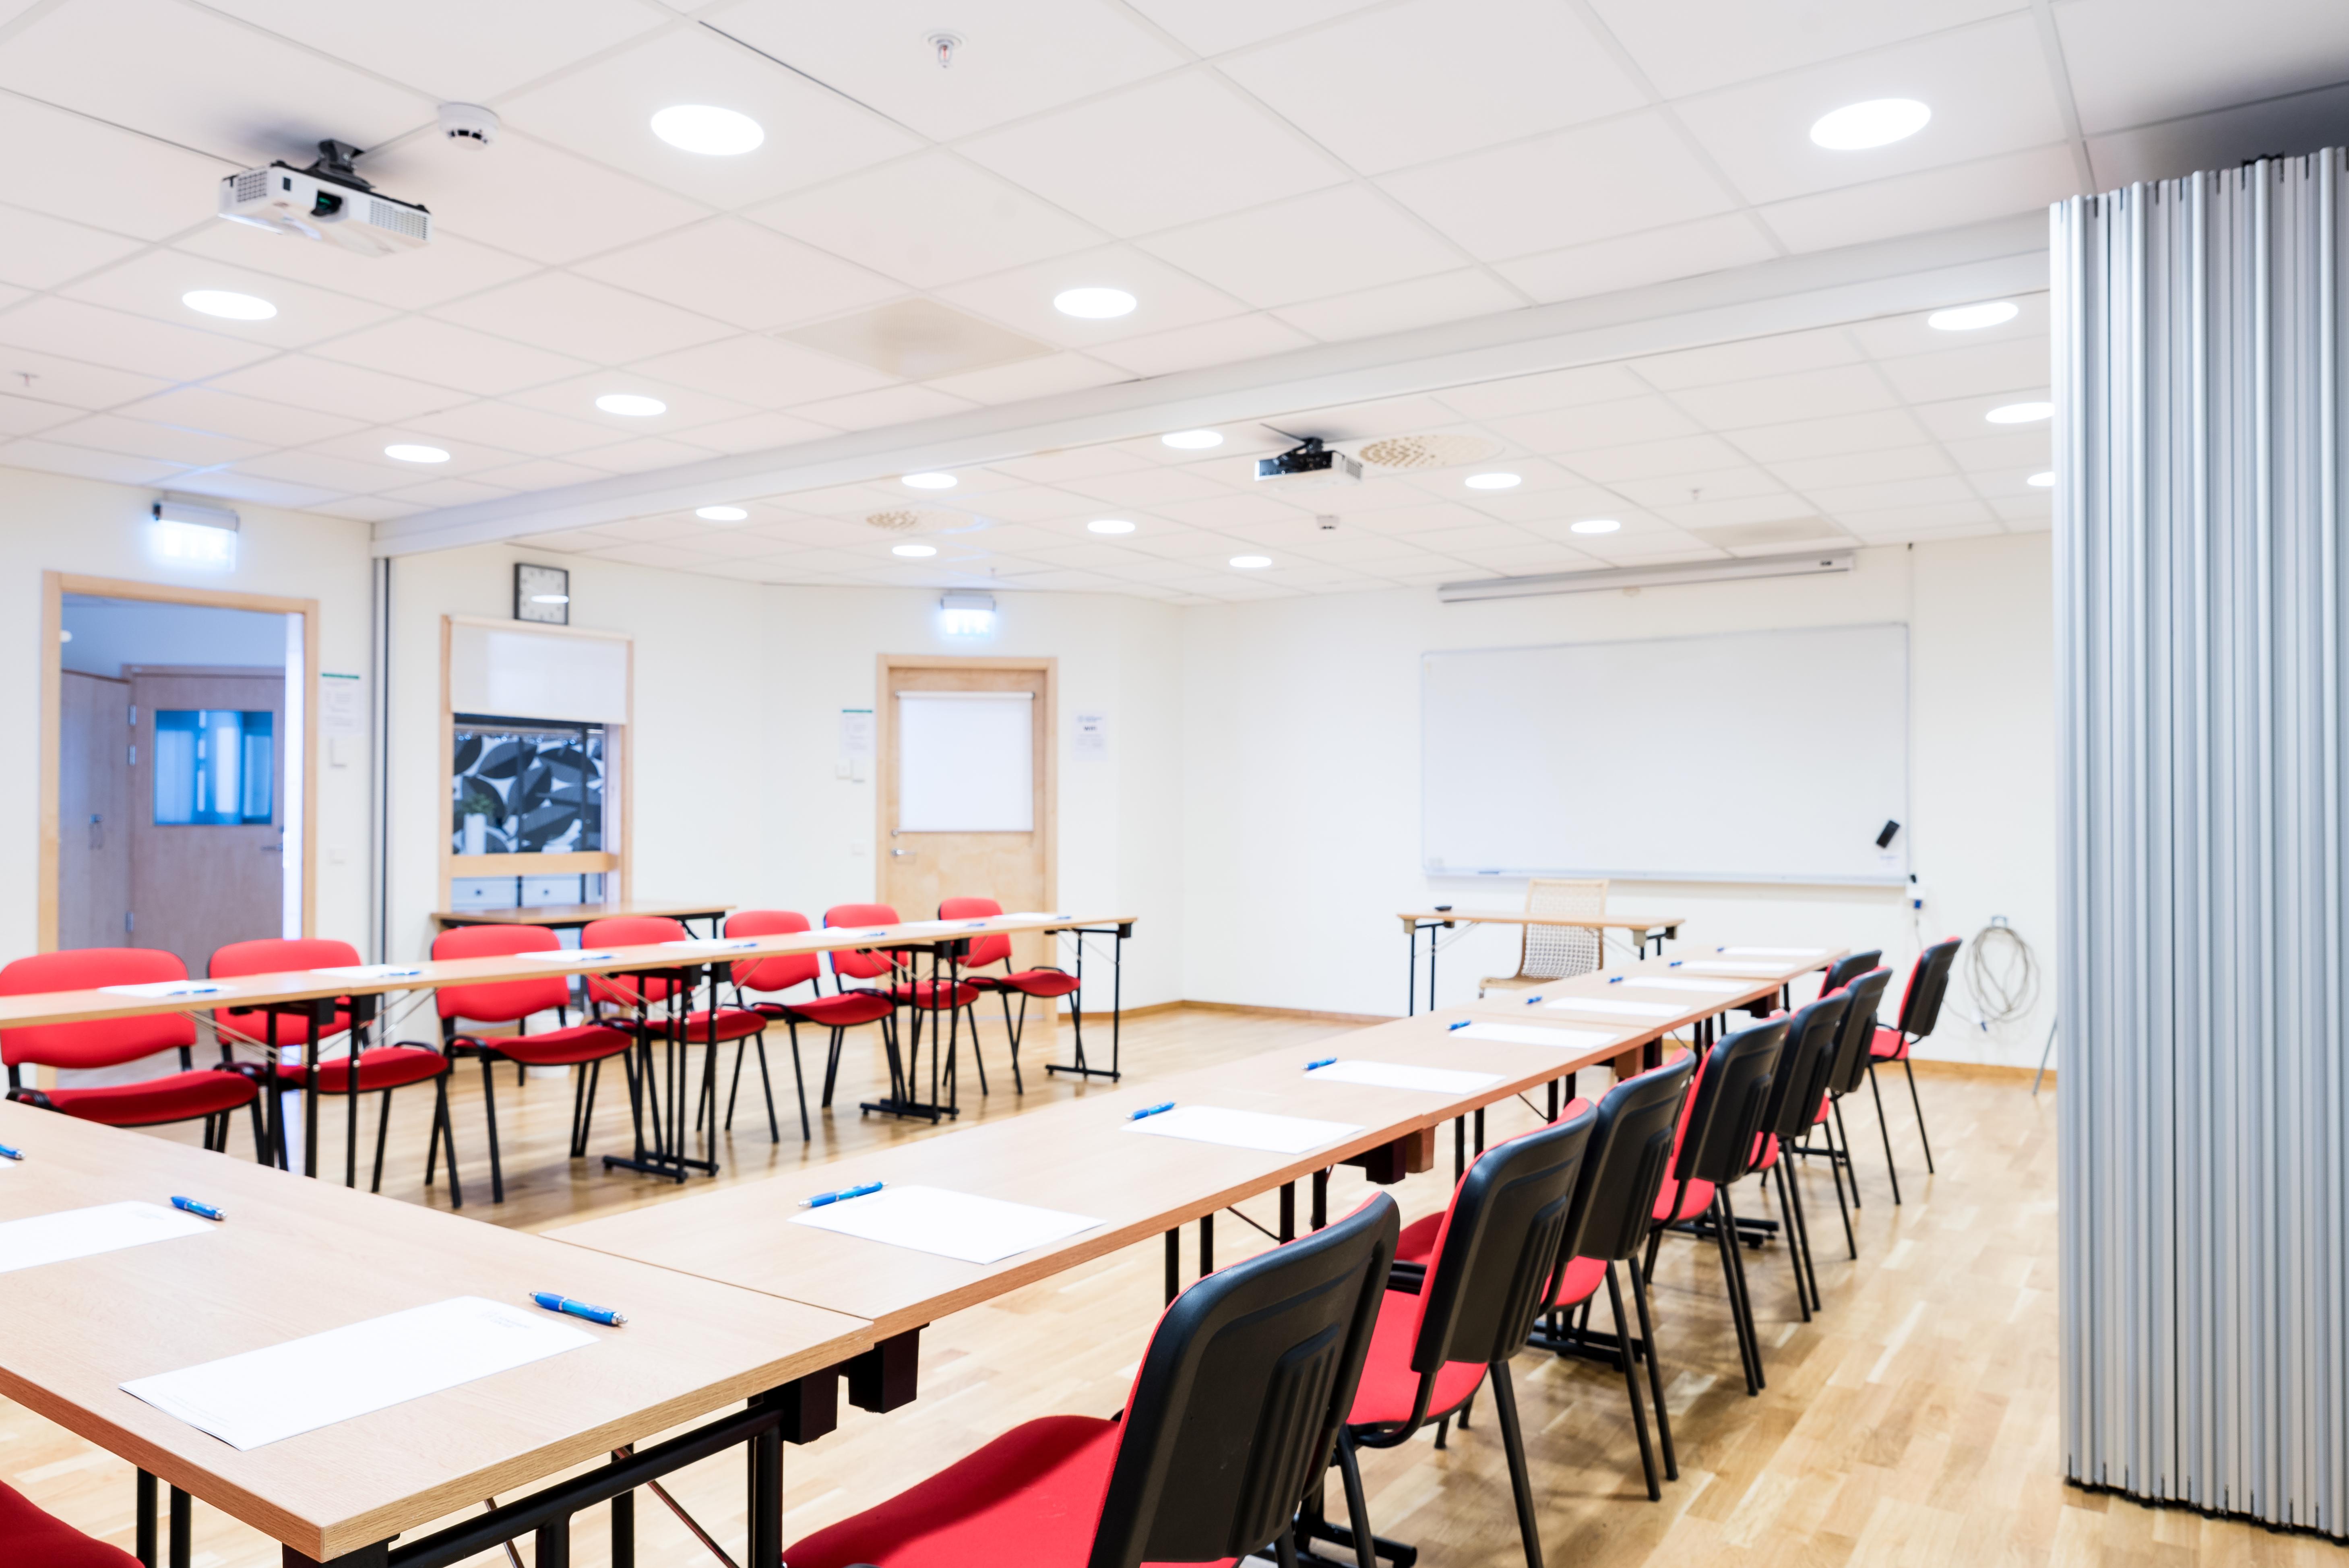 Blåklinten, en möteslokal centralt i Huddinge som lämpar sig väl för kurser och utbildningar